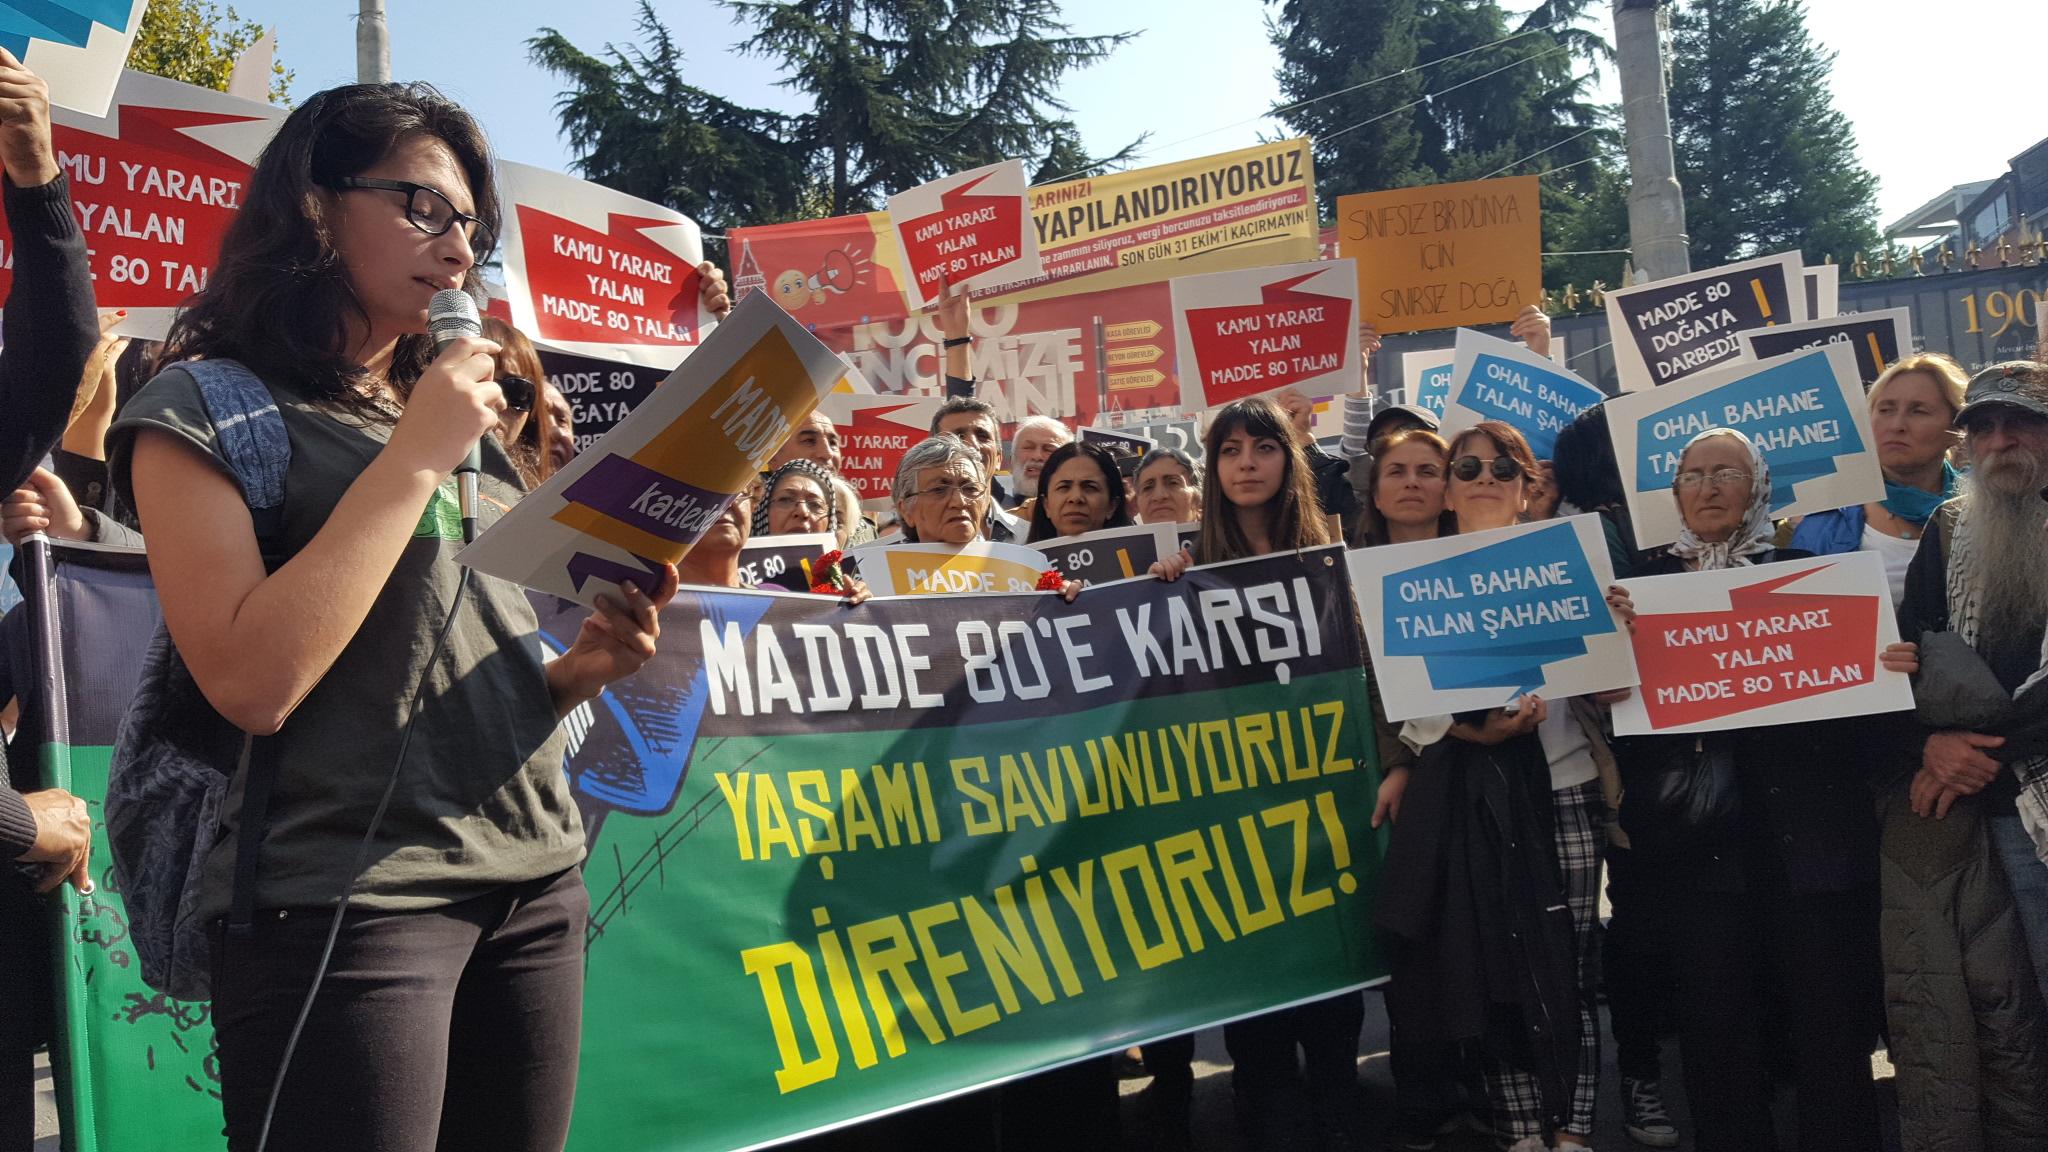 Yaşam savunucuları tek ses: #Madde80iİstemiyoruz!